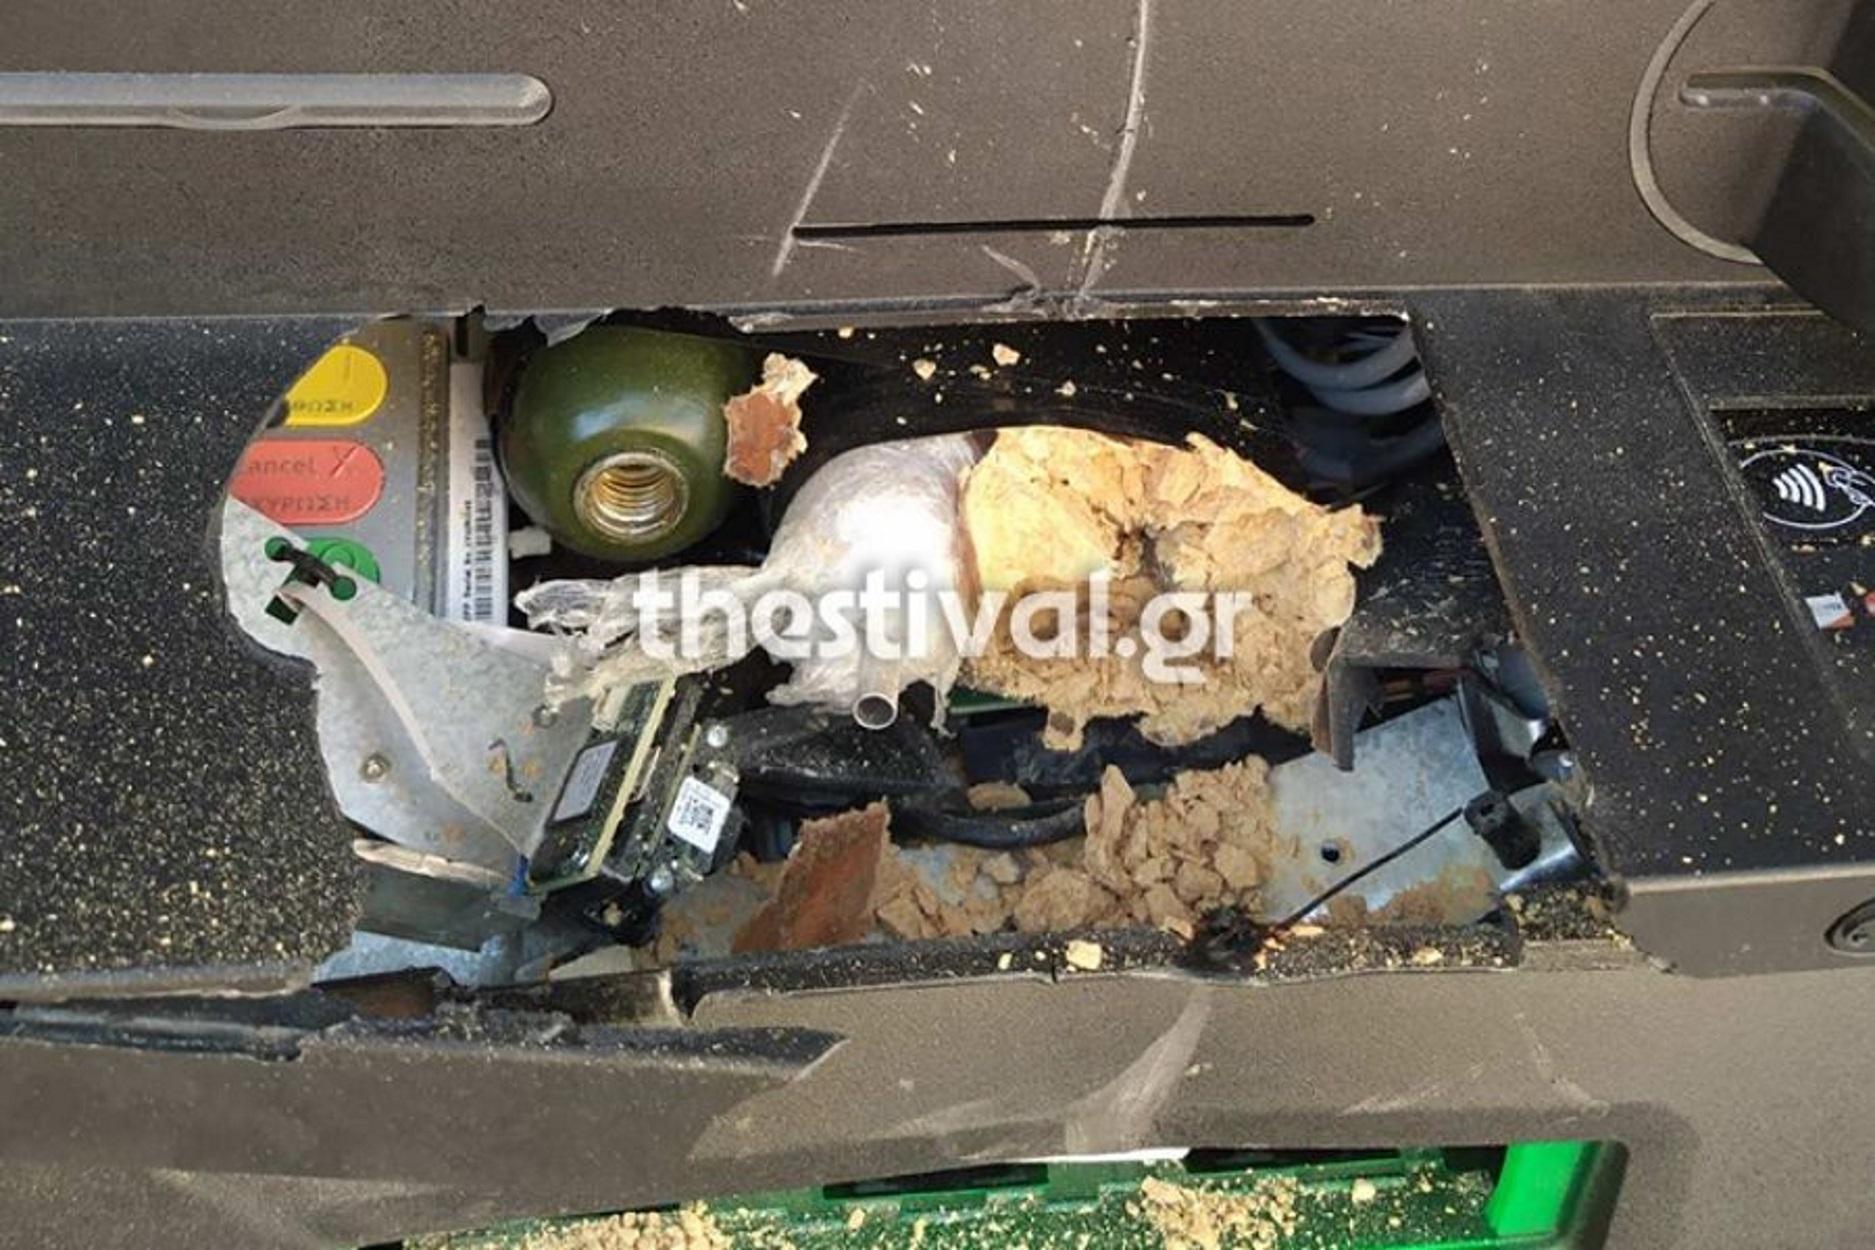 Χαλκιδική: Εξουδετερώθηκε βόμβα σε ΑΤΜ – Μία σύλληψη μετά από καταδίωξη